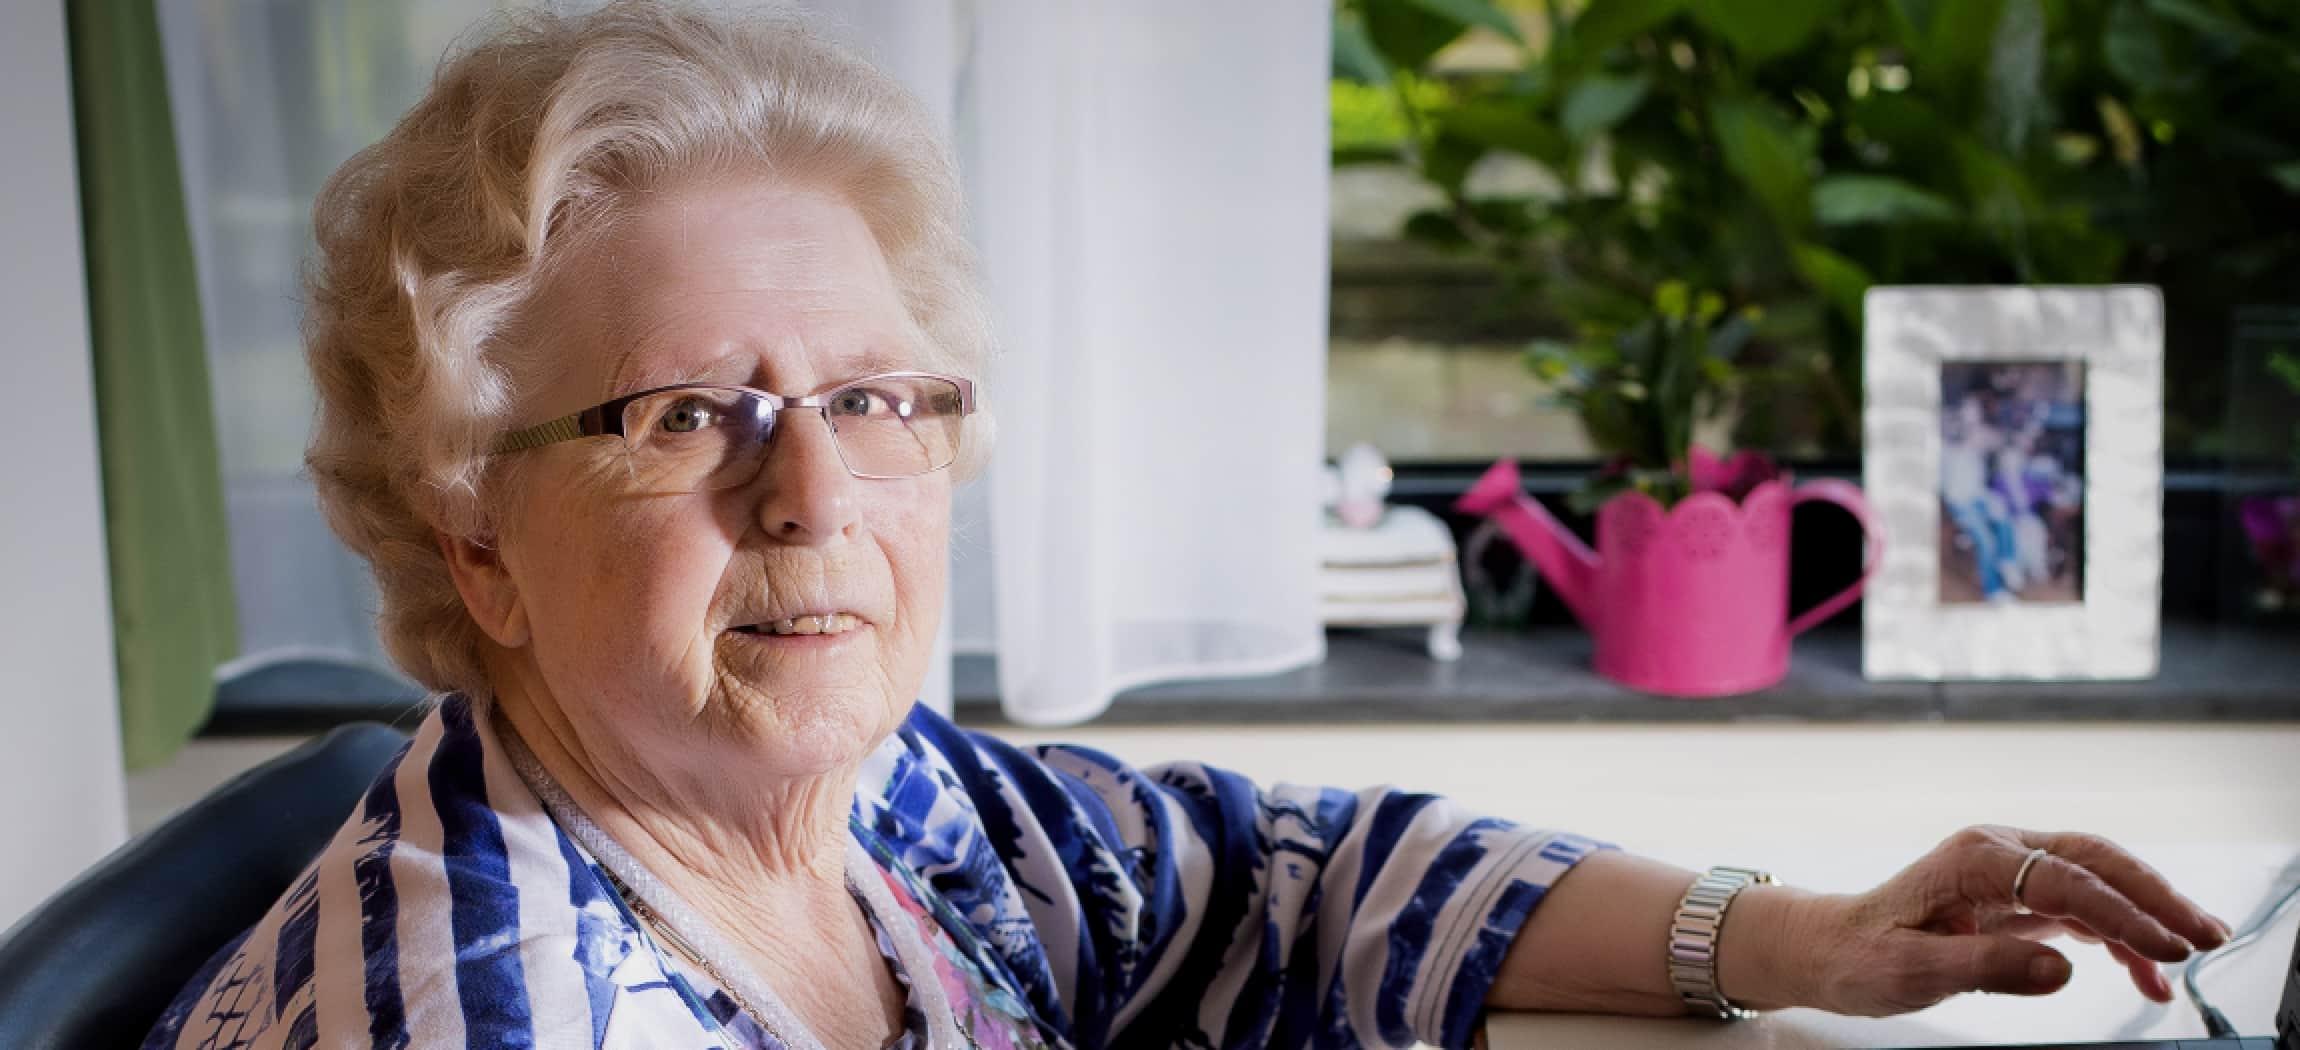 Mevrouw van der Laan woont in verpleeghuis Bornholm - uit de serie Mensen van Amstelring